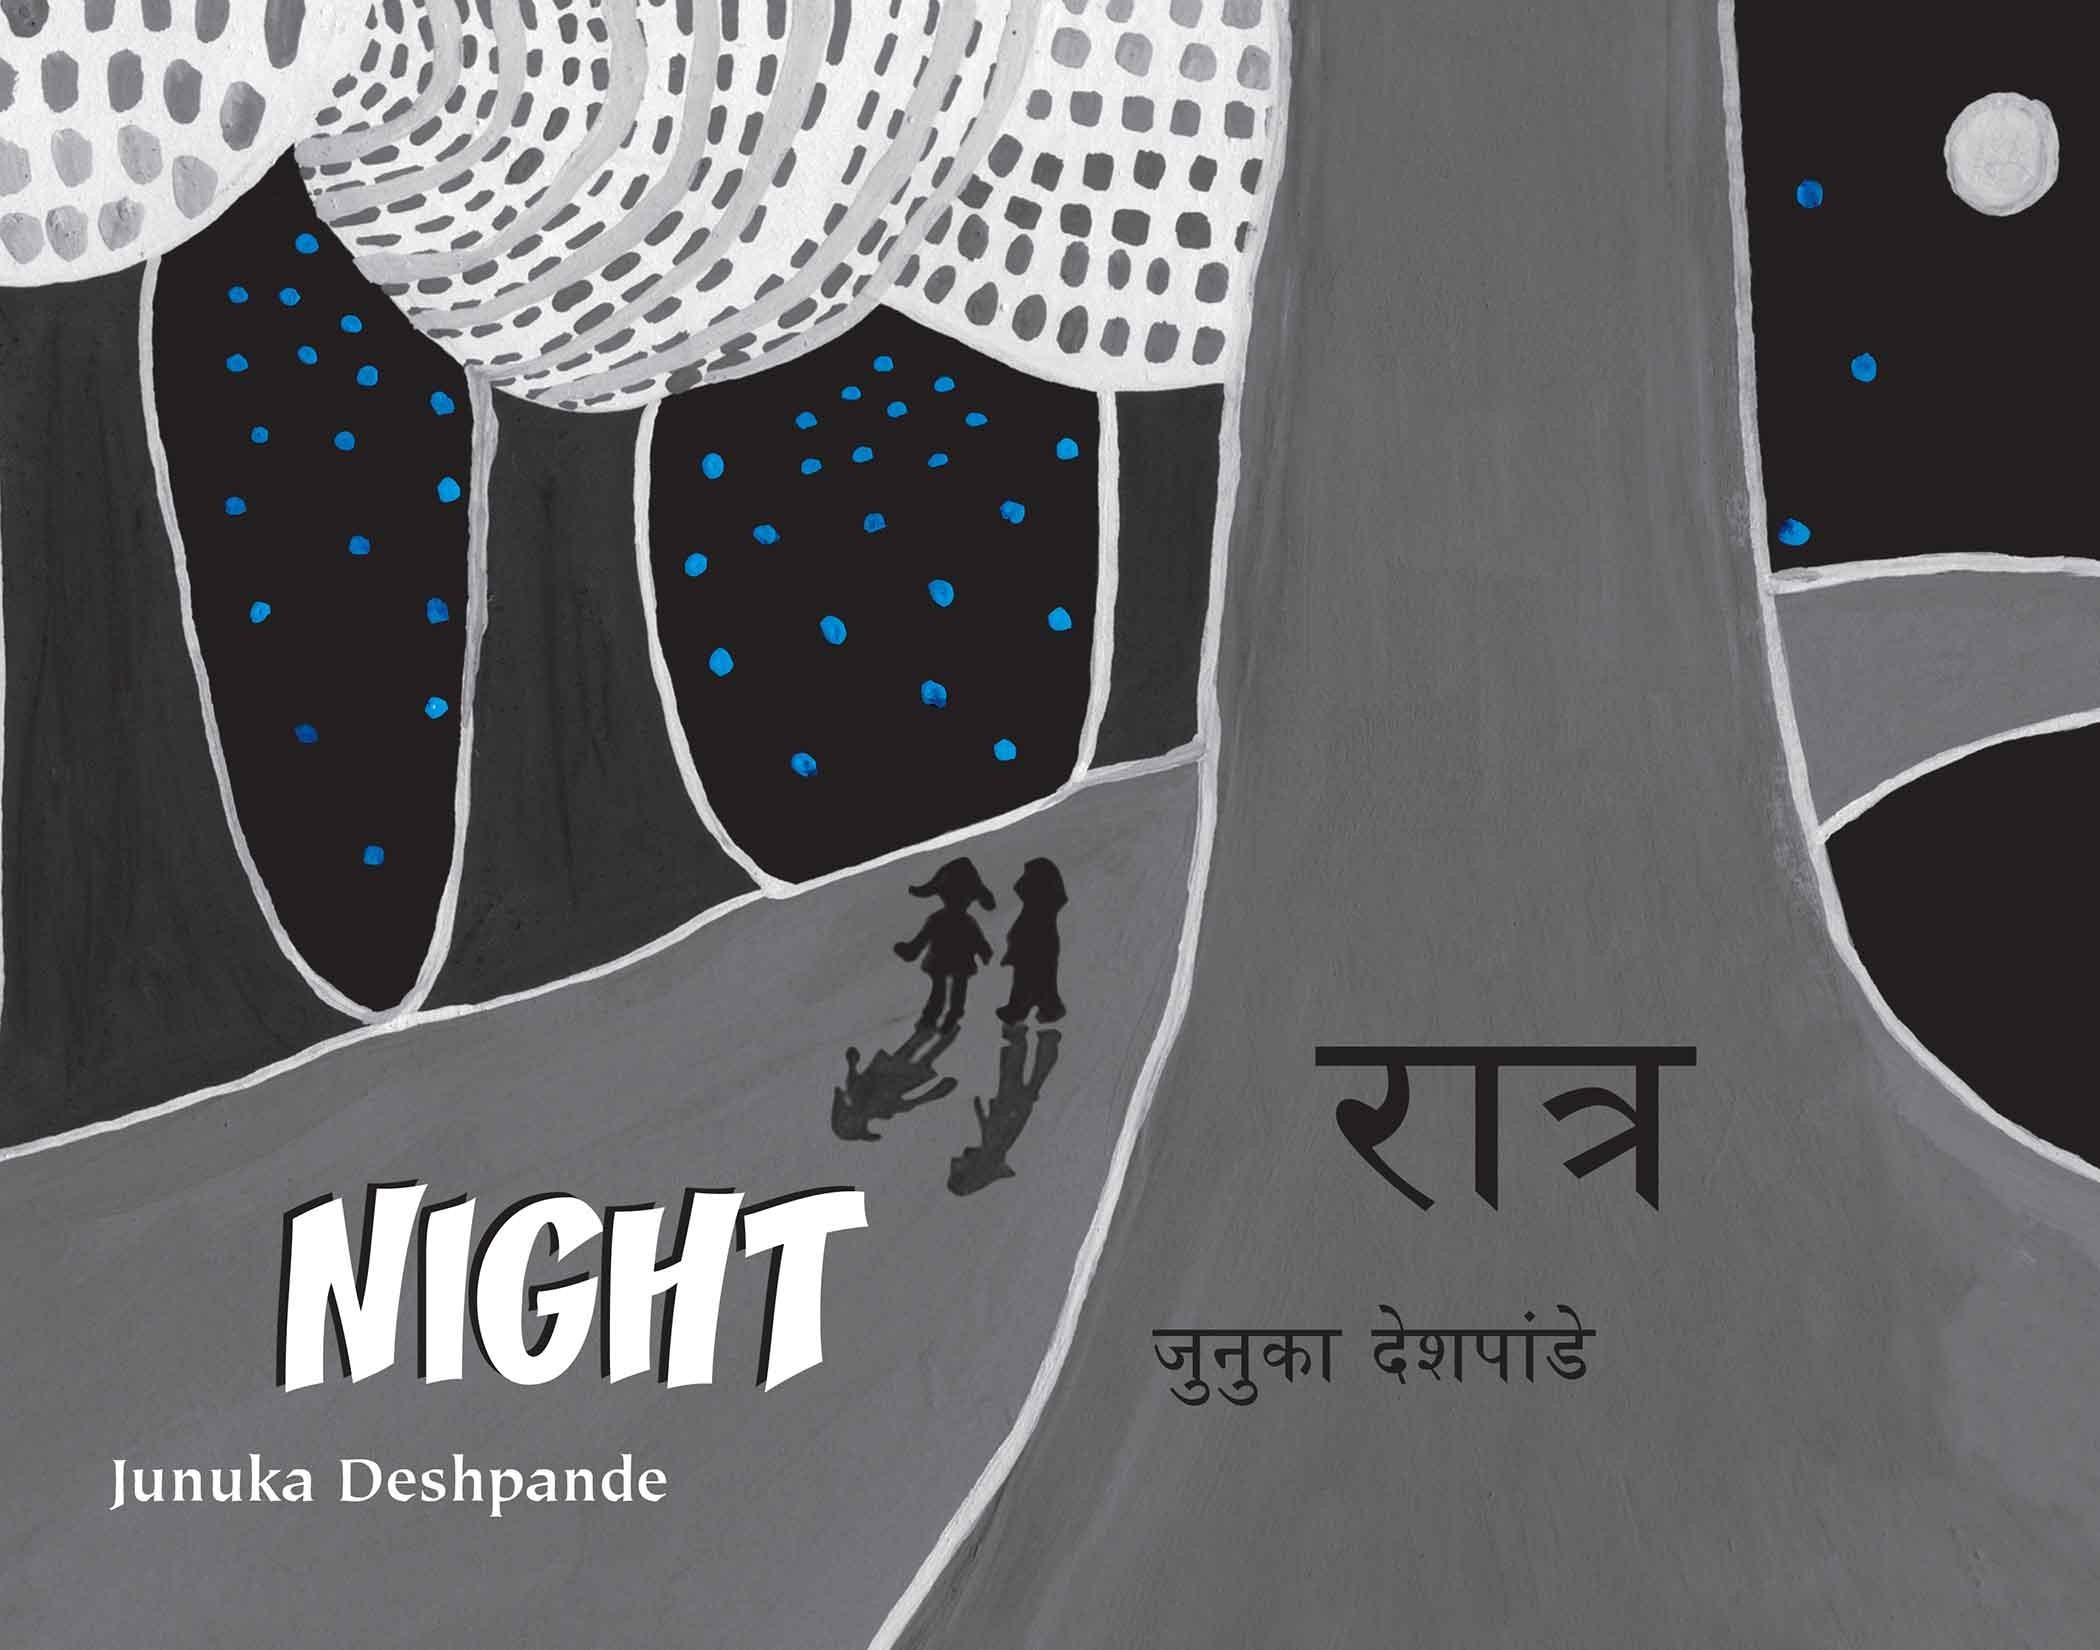 Night/Raatr (English-Marathi)